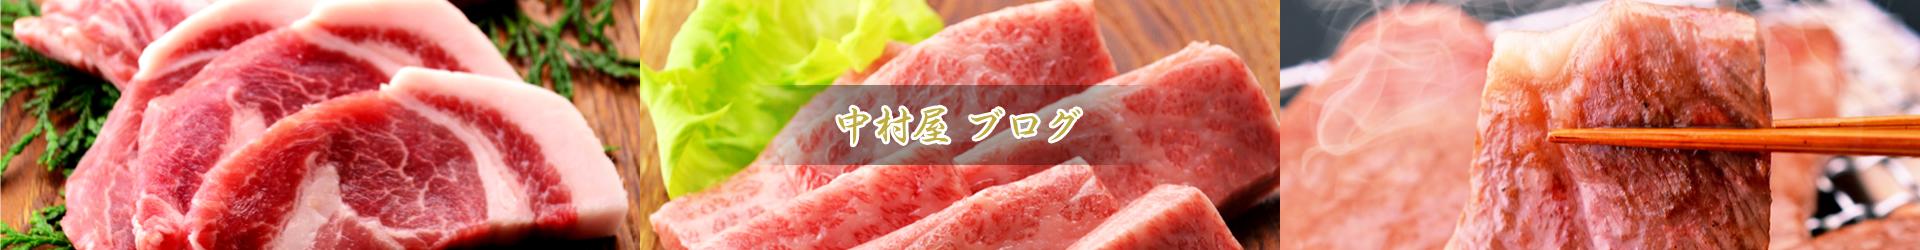 焼肉中村屋 ブログ